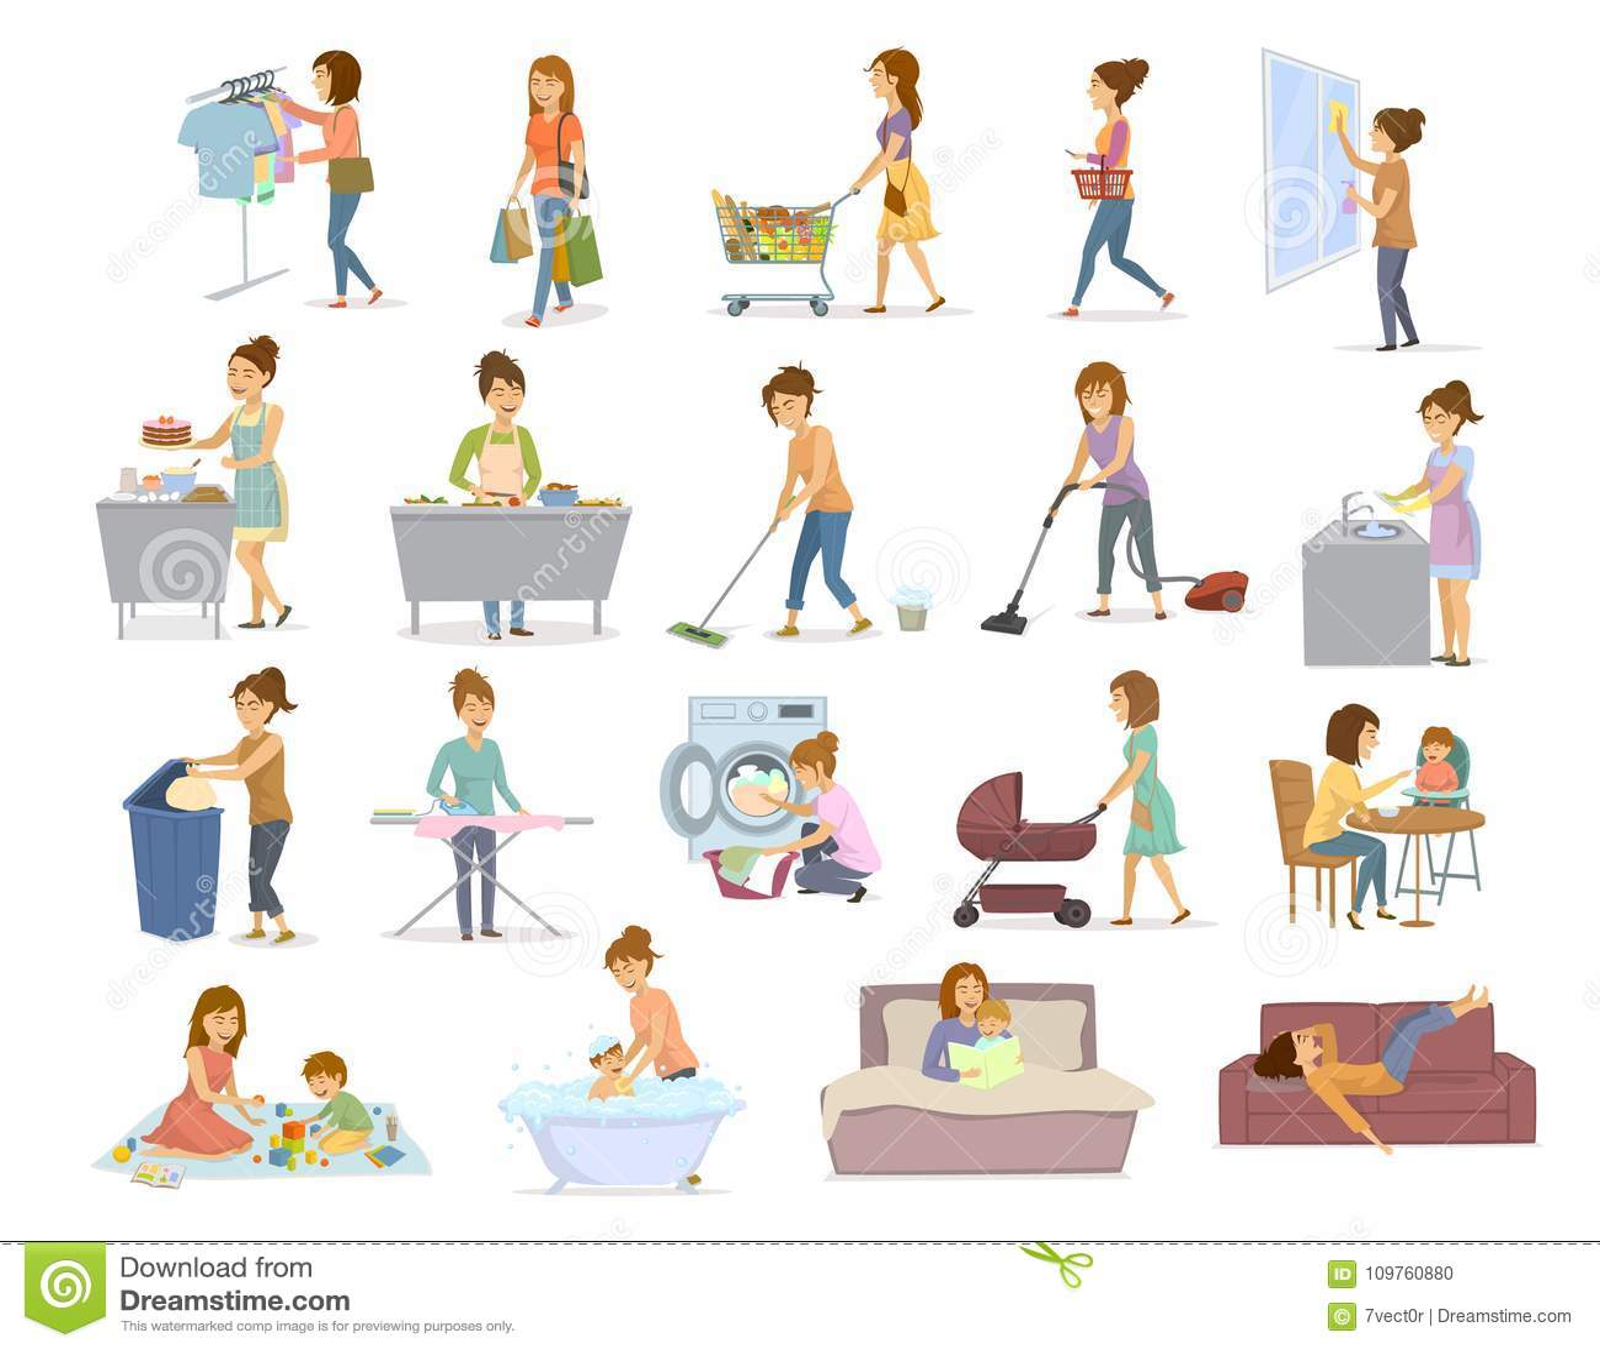 Kobieta robi dzienników domowym obowiązek domowy, housekeeping, househod aktywność jak płuczkowy próżniowy cleaning zakupy kuchar